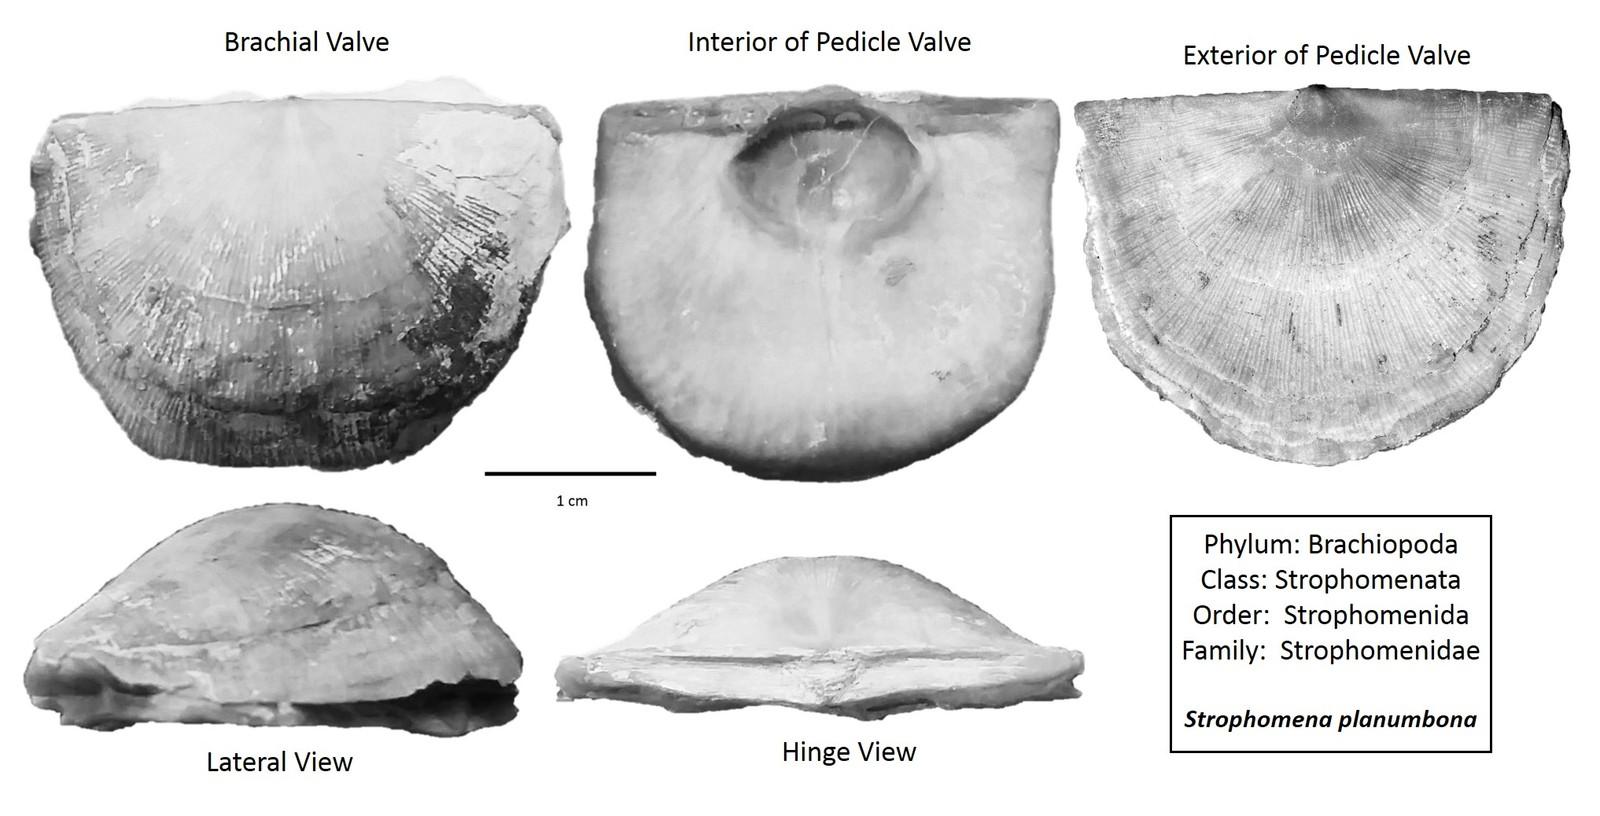 Strophomena planumbona